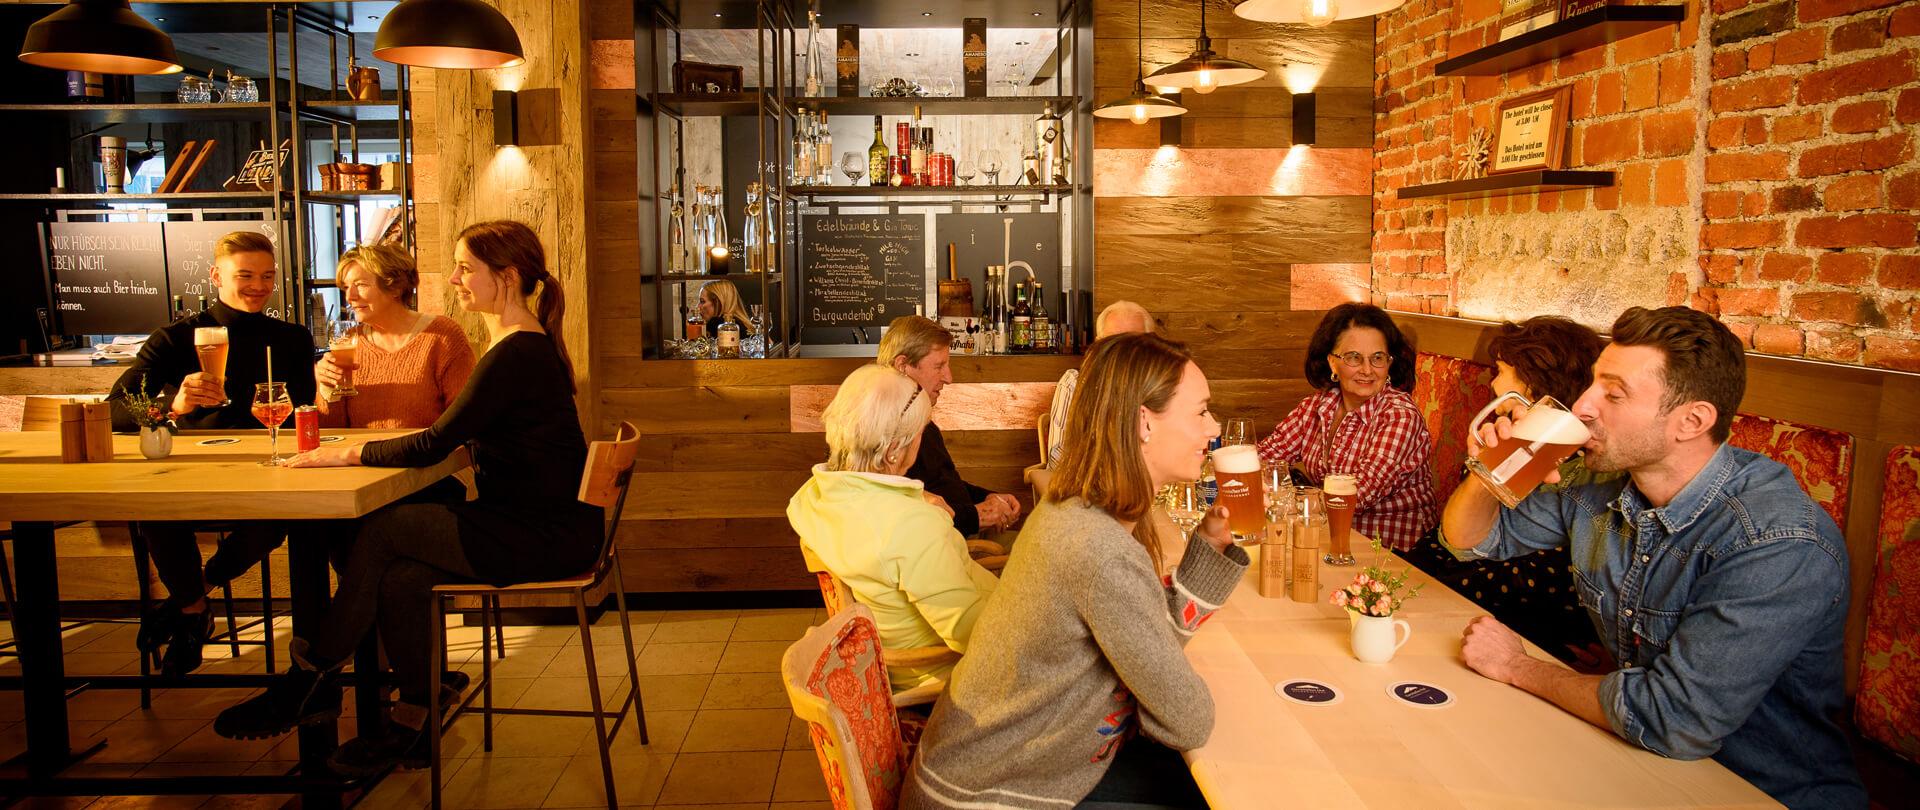 Brauerei_Garmischerhof_Menschen sitzen zusammen